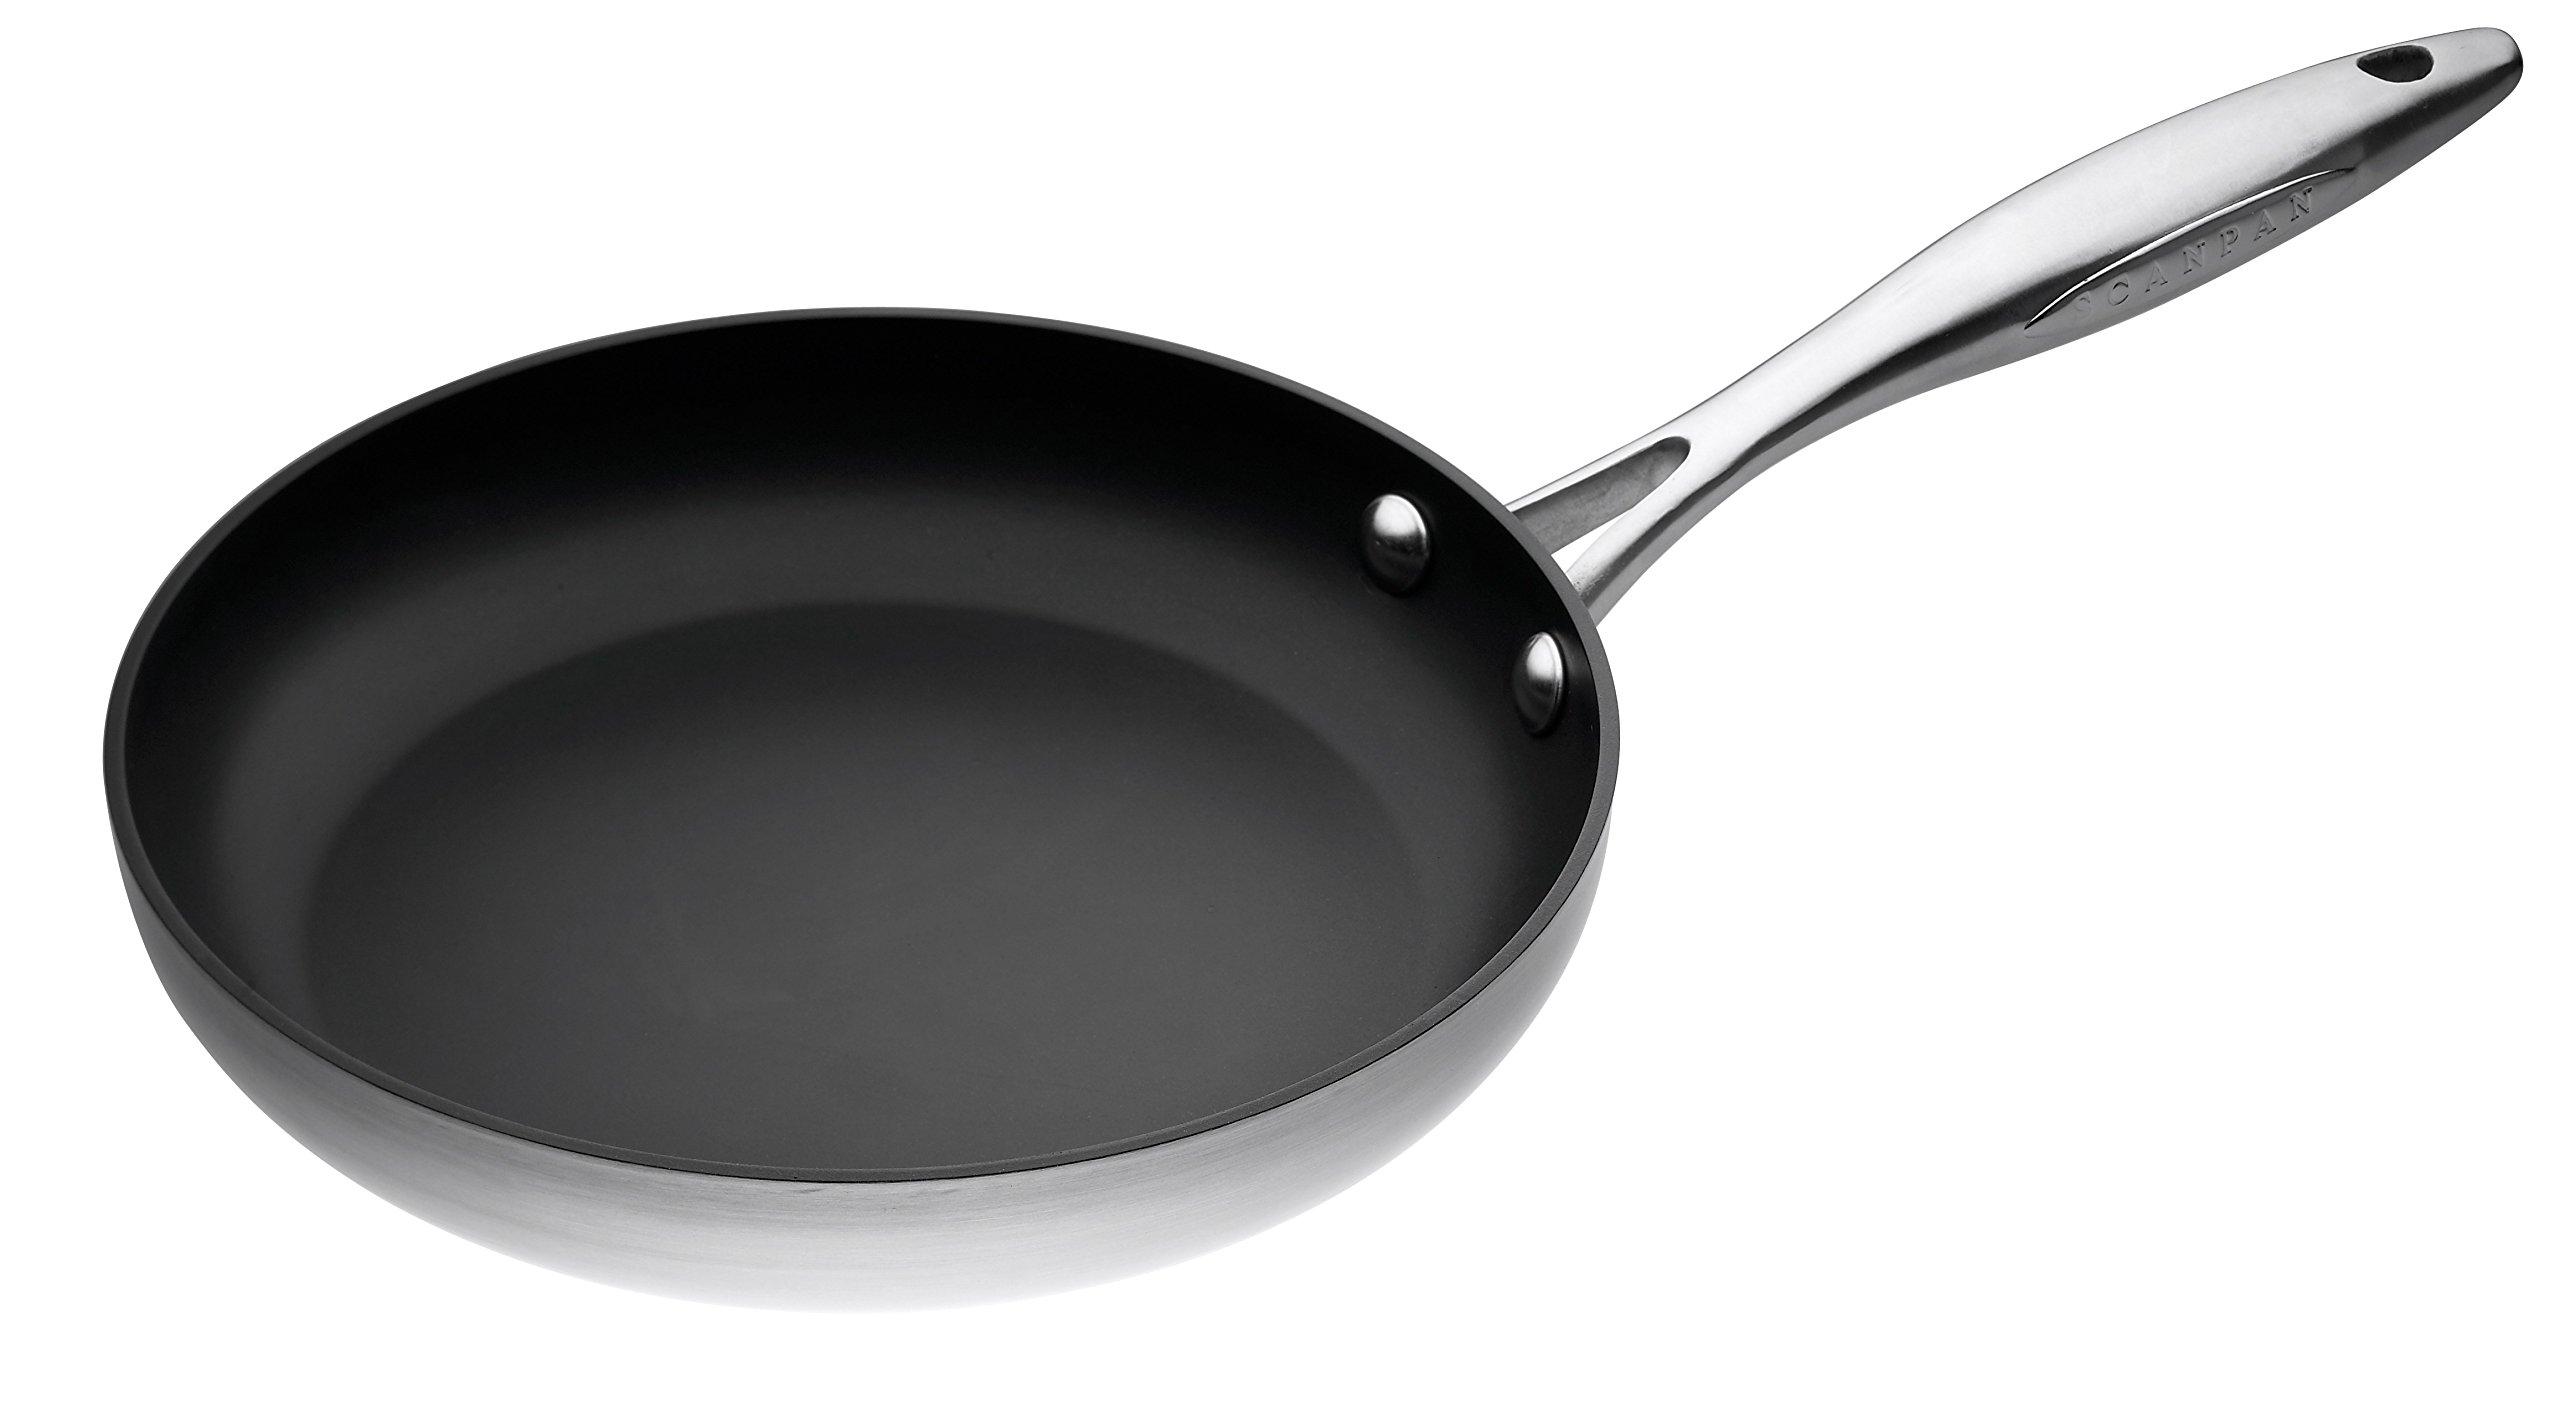 Scanpan CTX 8-Inch Fry Pan